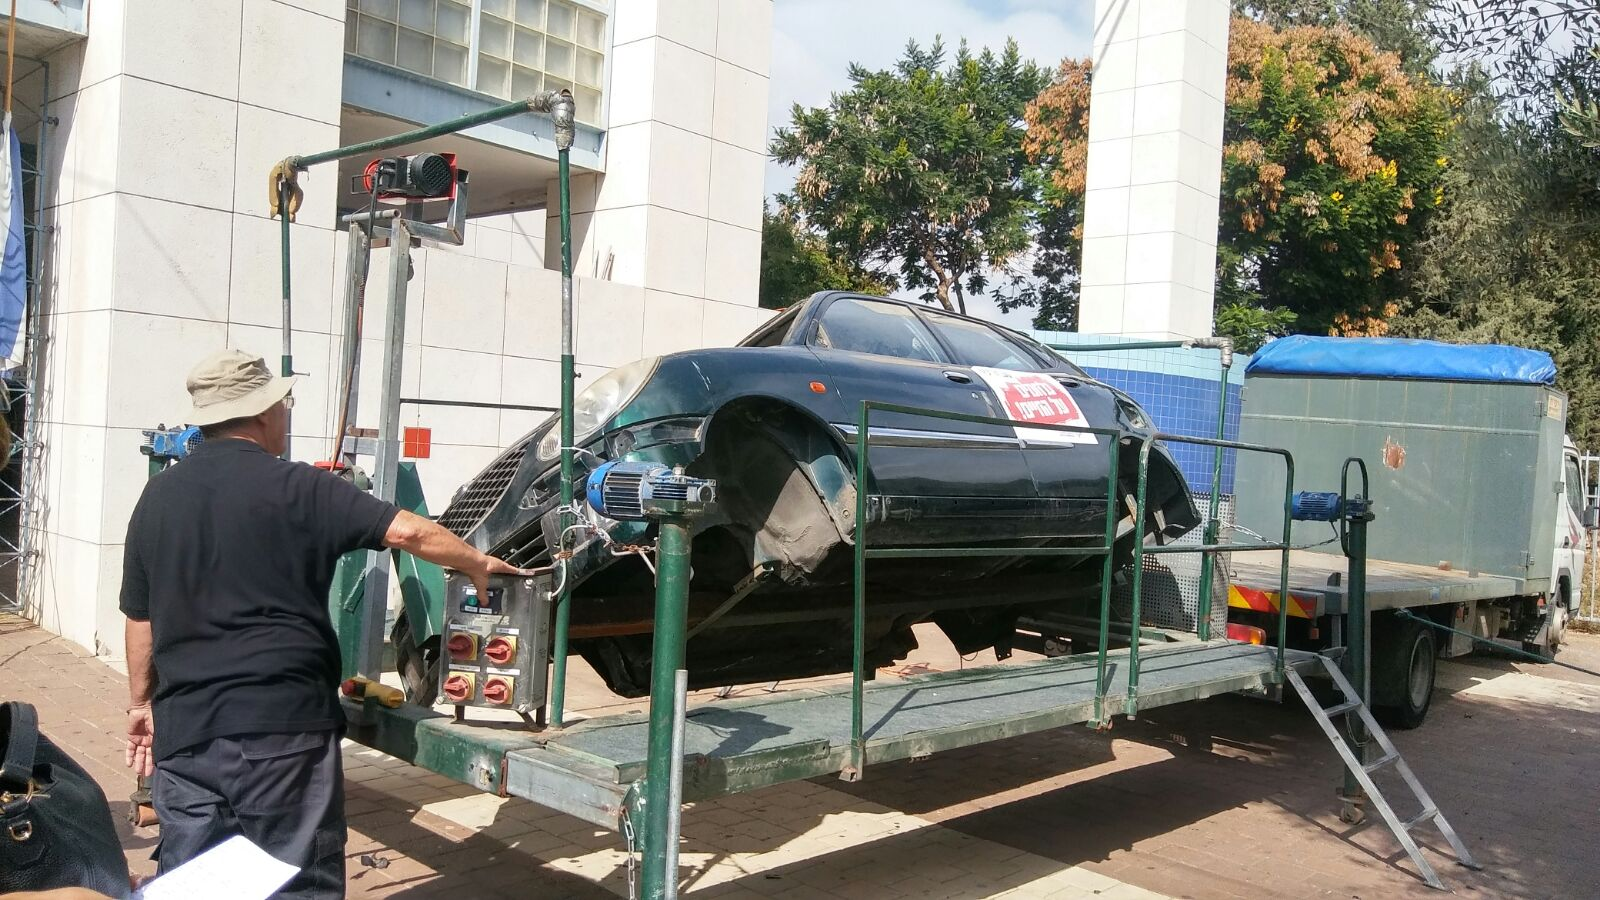 בתיכון מקיף יהוד נלחמים בתאונות